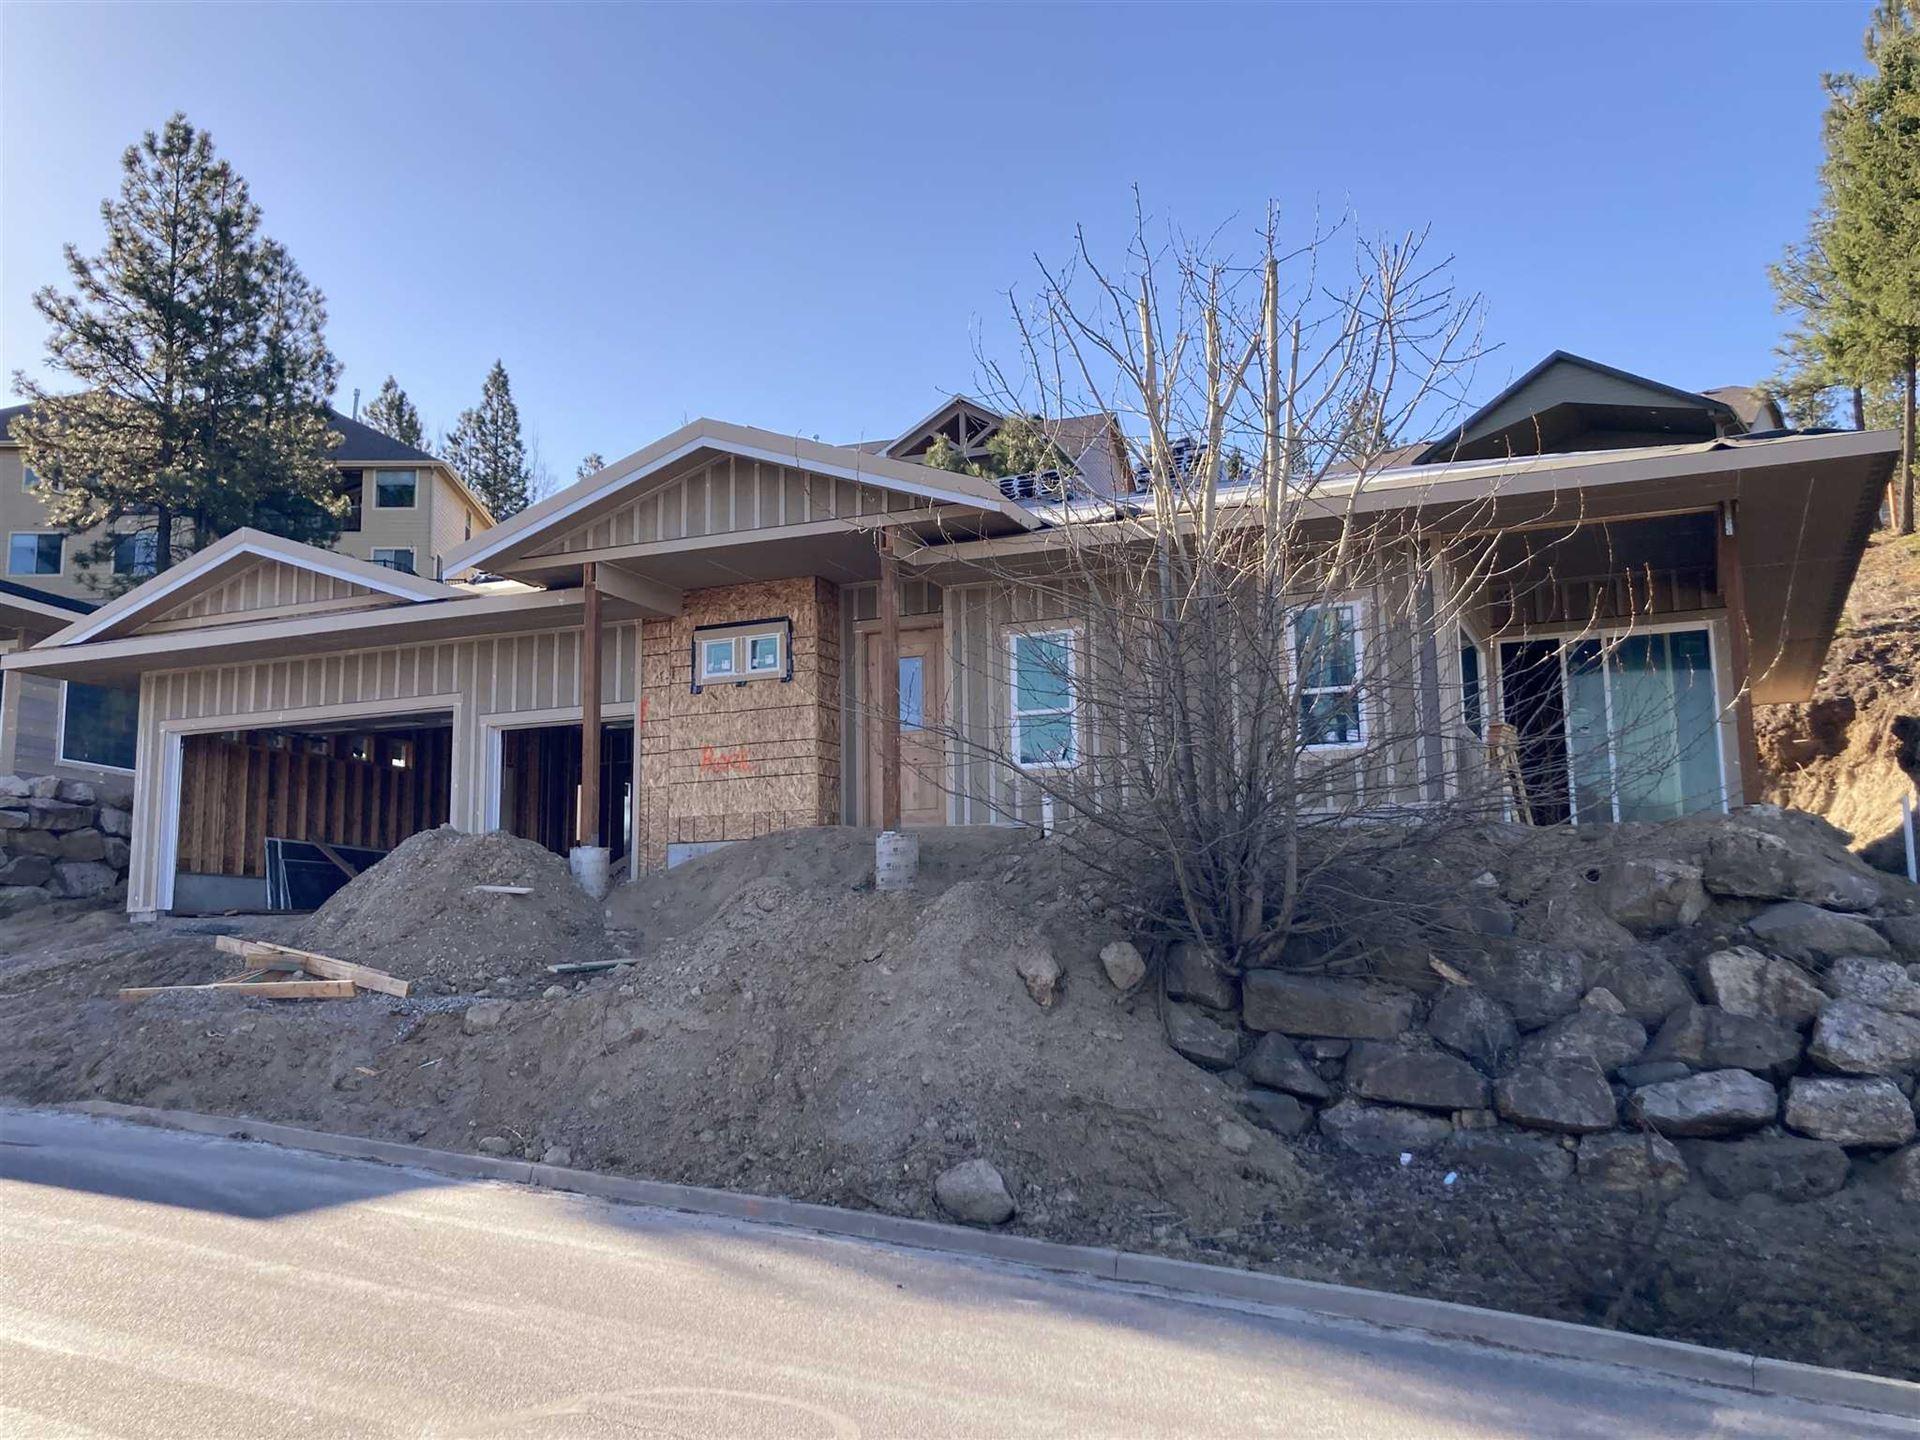 1158 E Wandermere Estates Ln, Spokane, WA 99218 - #: 202112655